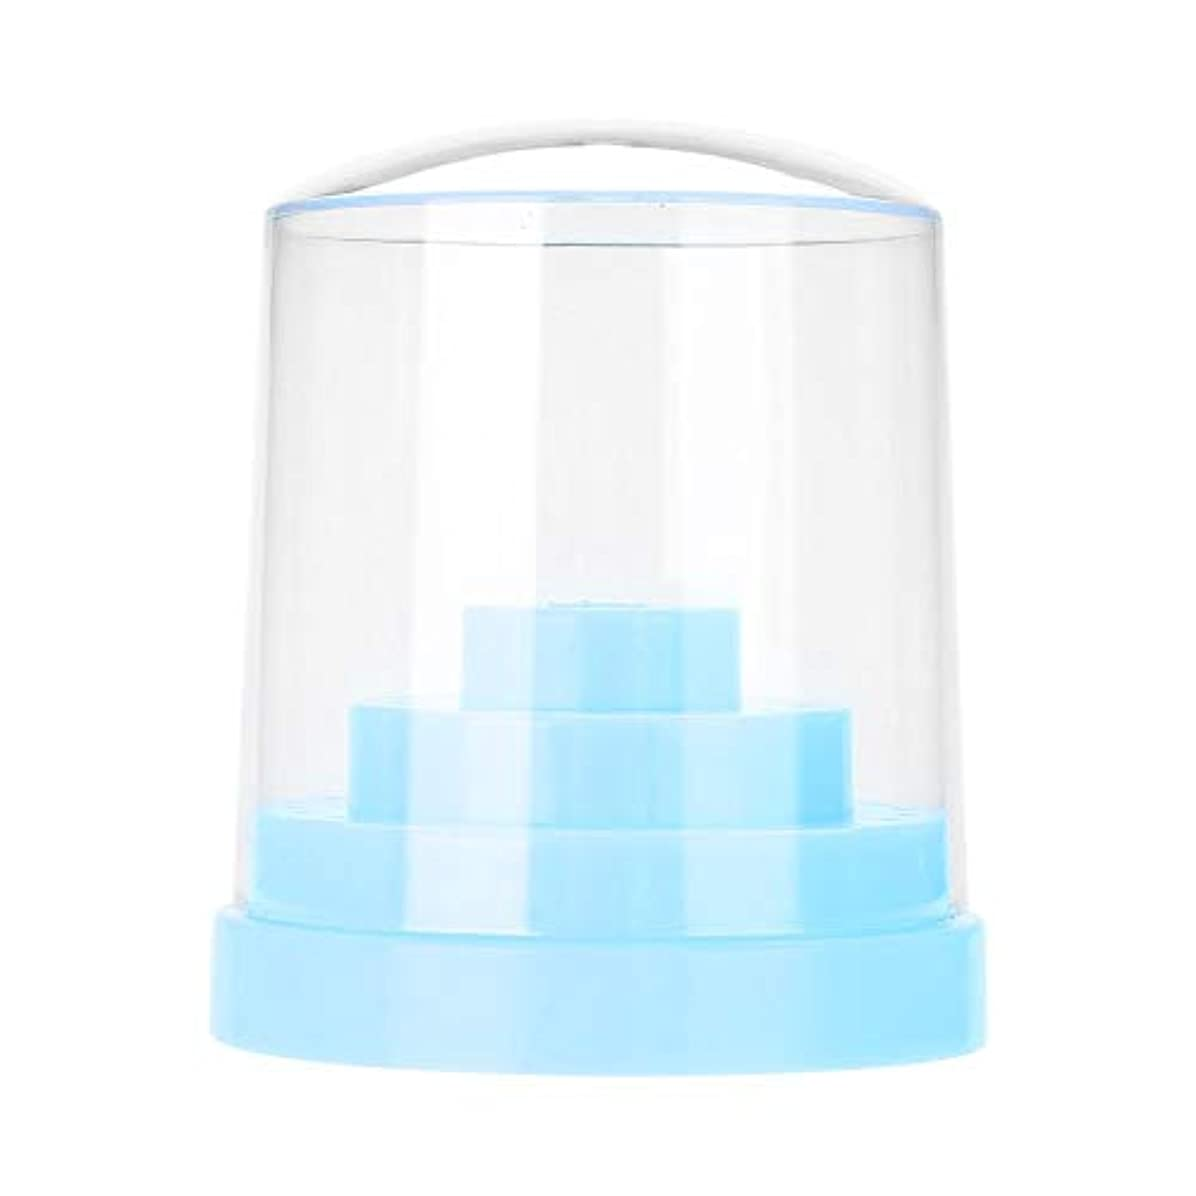 合法主観的外部ネイルドリルスタンド、48穴ネイルアートプラスチックネイルケアドリルスタンドホルダードリルビットディスプレイオーガナイザーボックスアートアクセサリーネイルドリル収納ボックス(青)